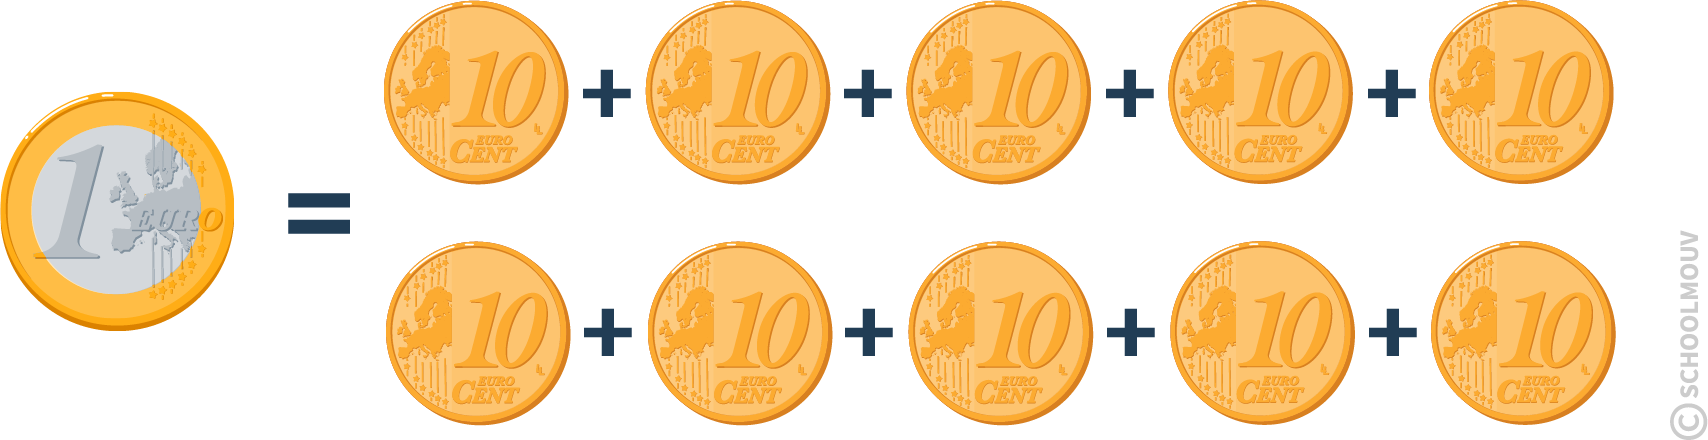 Équivalence de pièces de monnaie - un euro - dix centimes - SchoolMouv - Maths - CE1